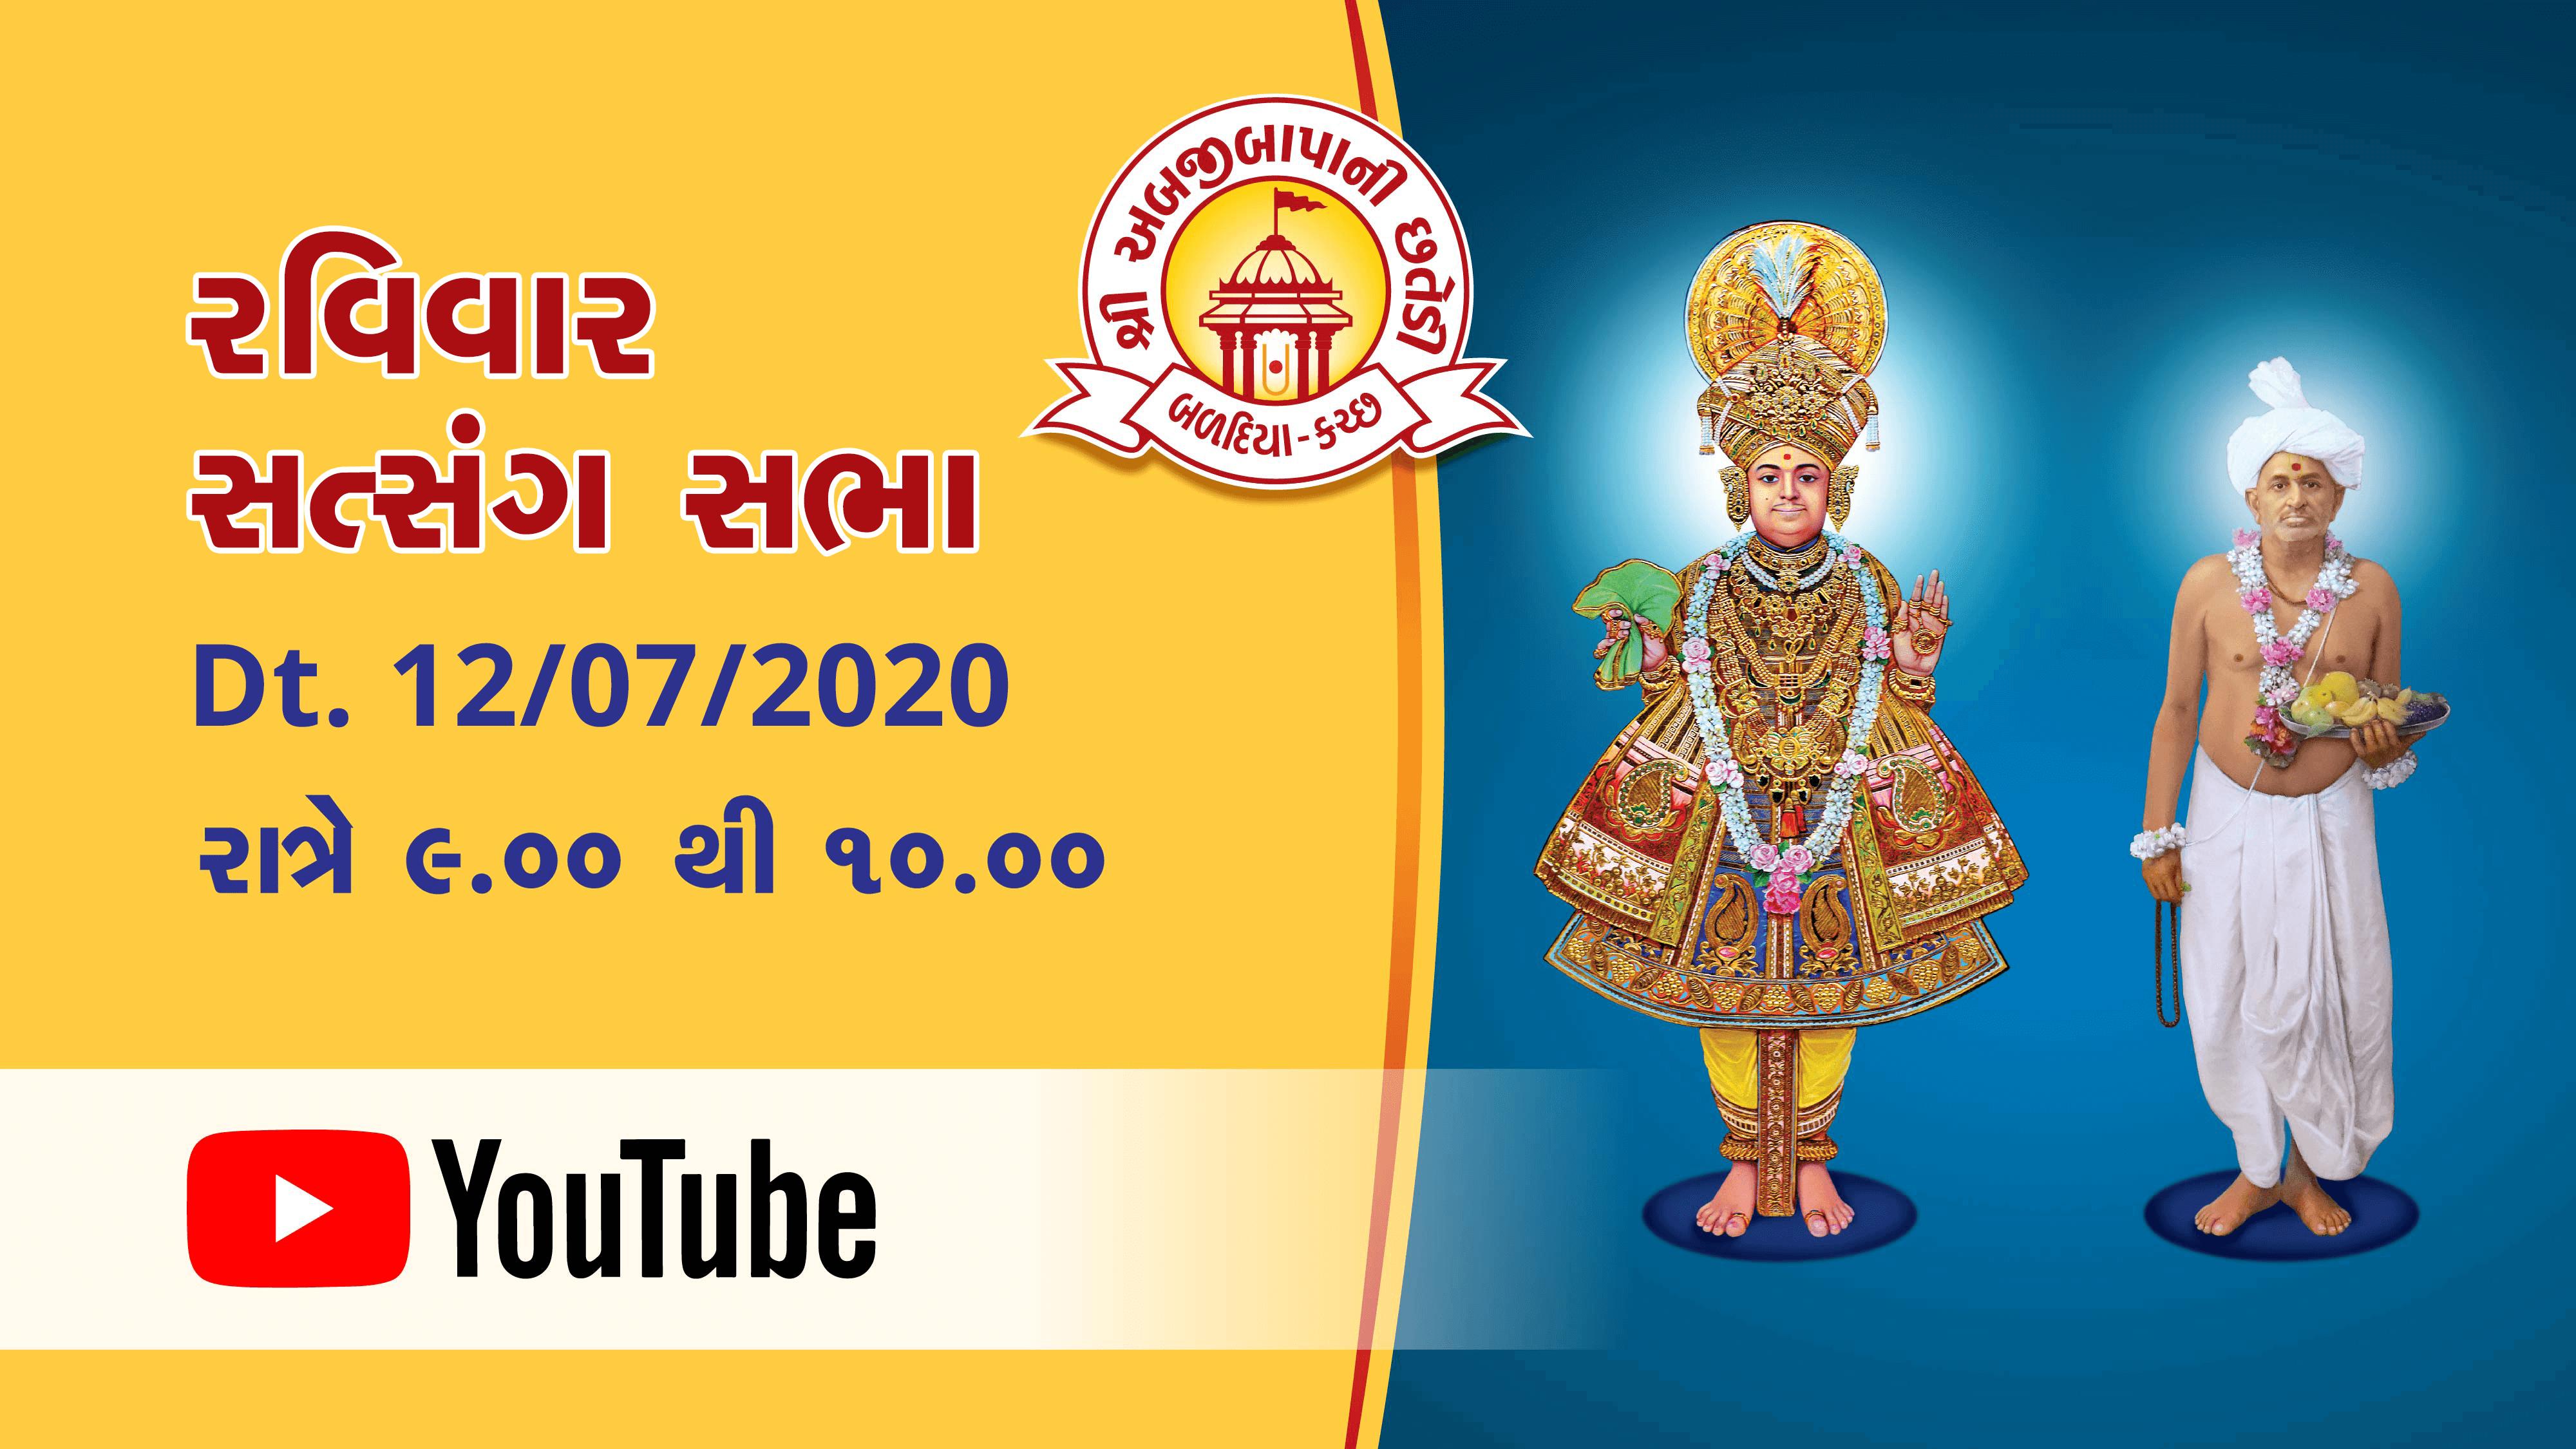 Ravivar Sabha Dt 12/07/2020